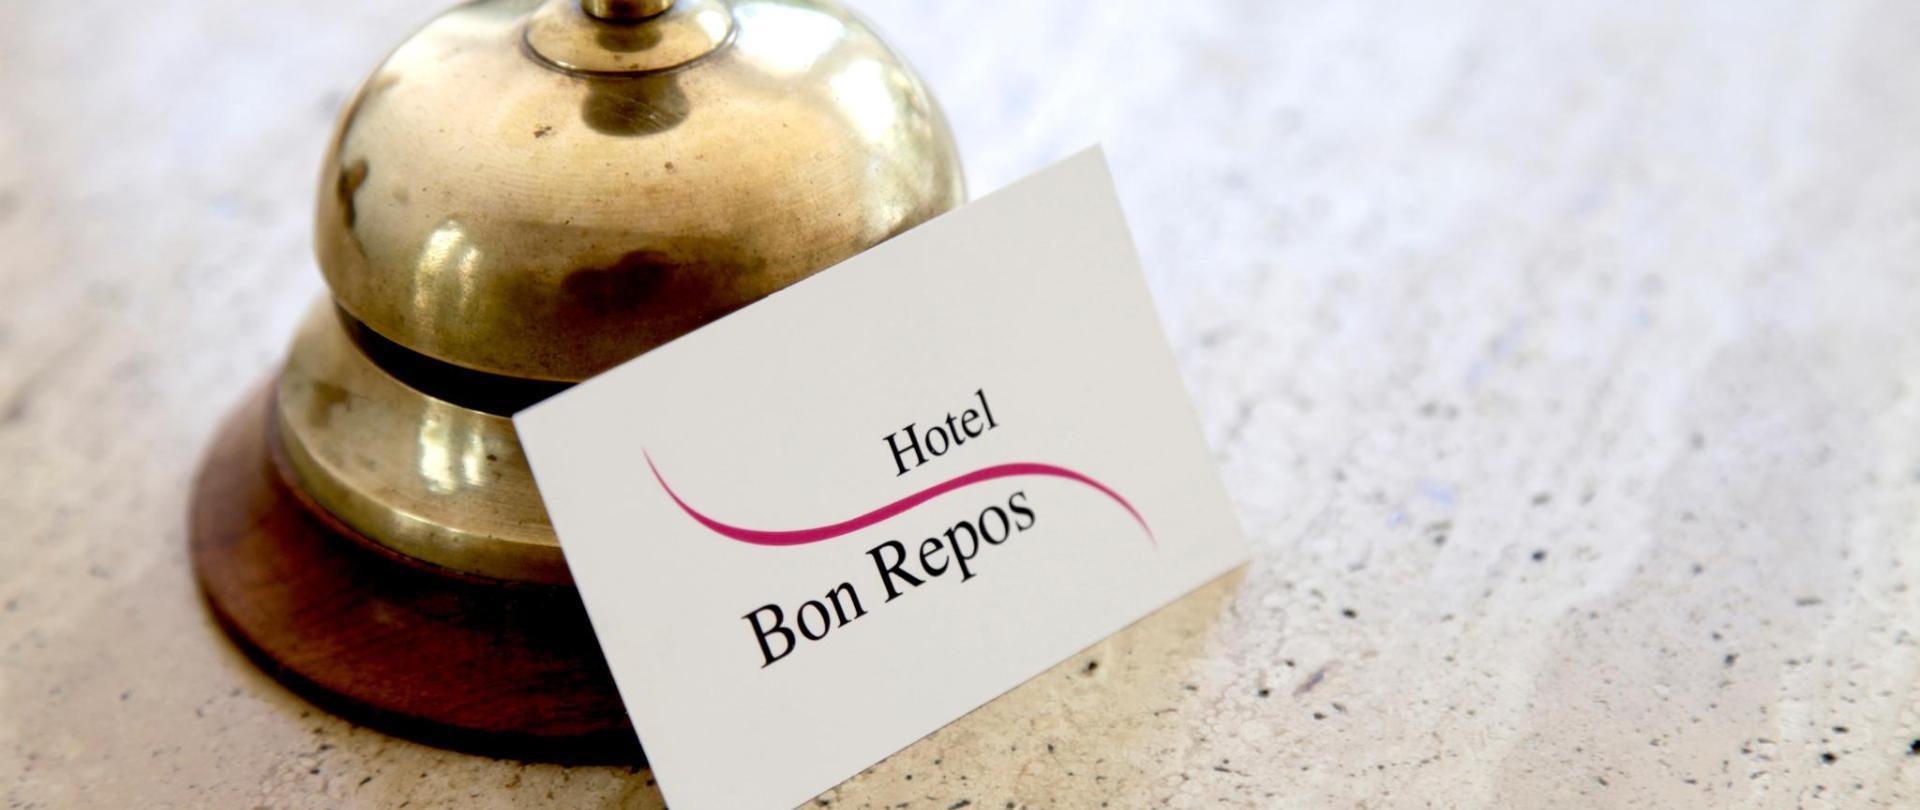 026-Hotel Bon Repos Mallorca.jpg